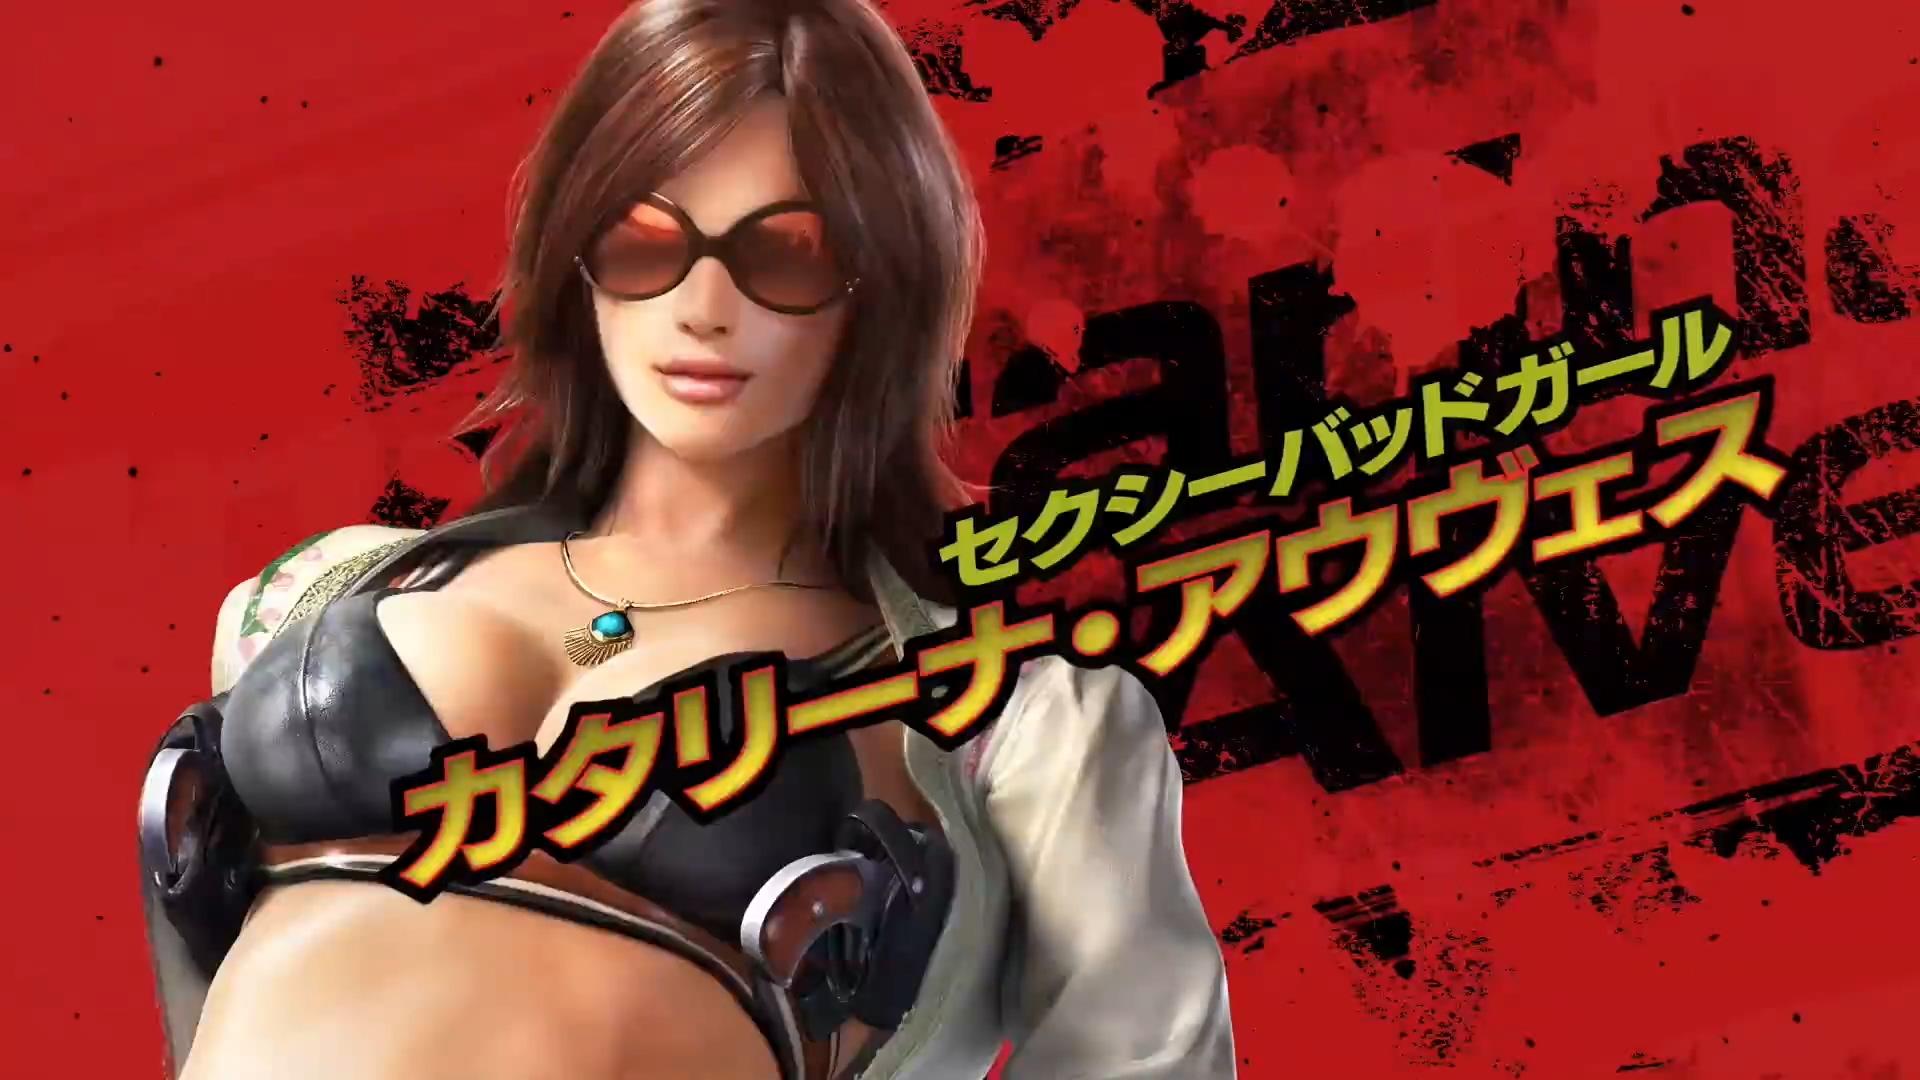 Tekken 7 - Katarina Alves Movelist Rundown - News - Avoiding